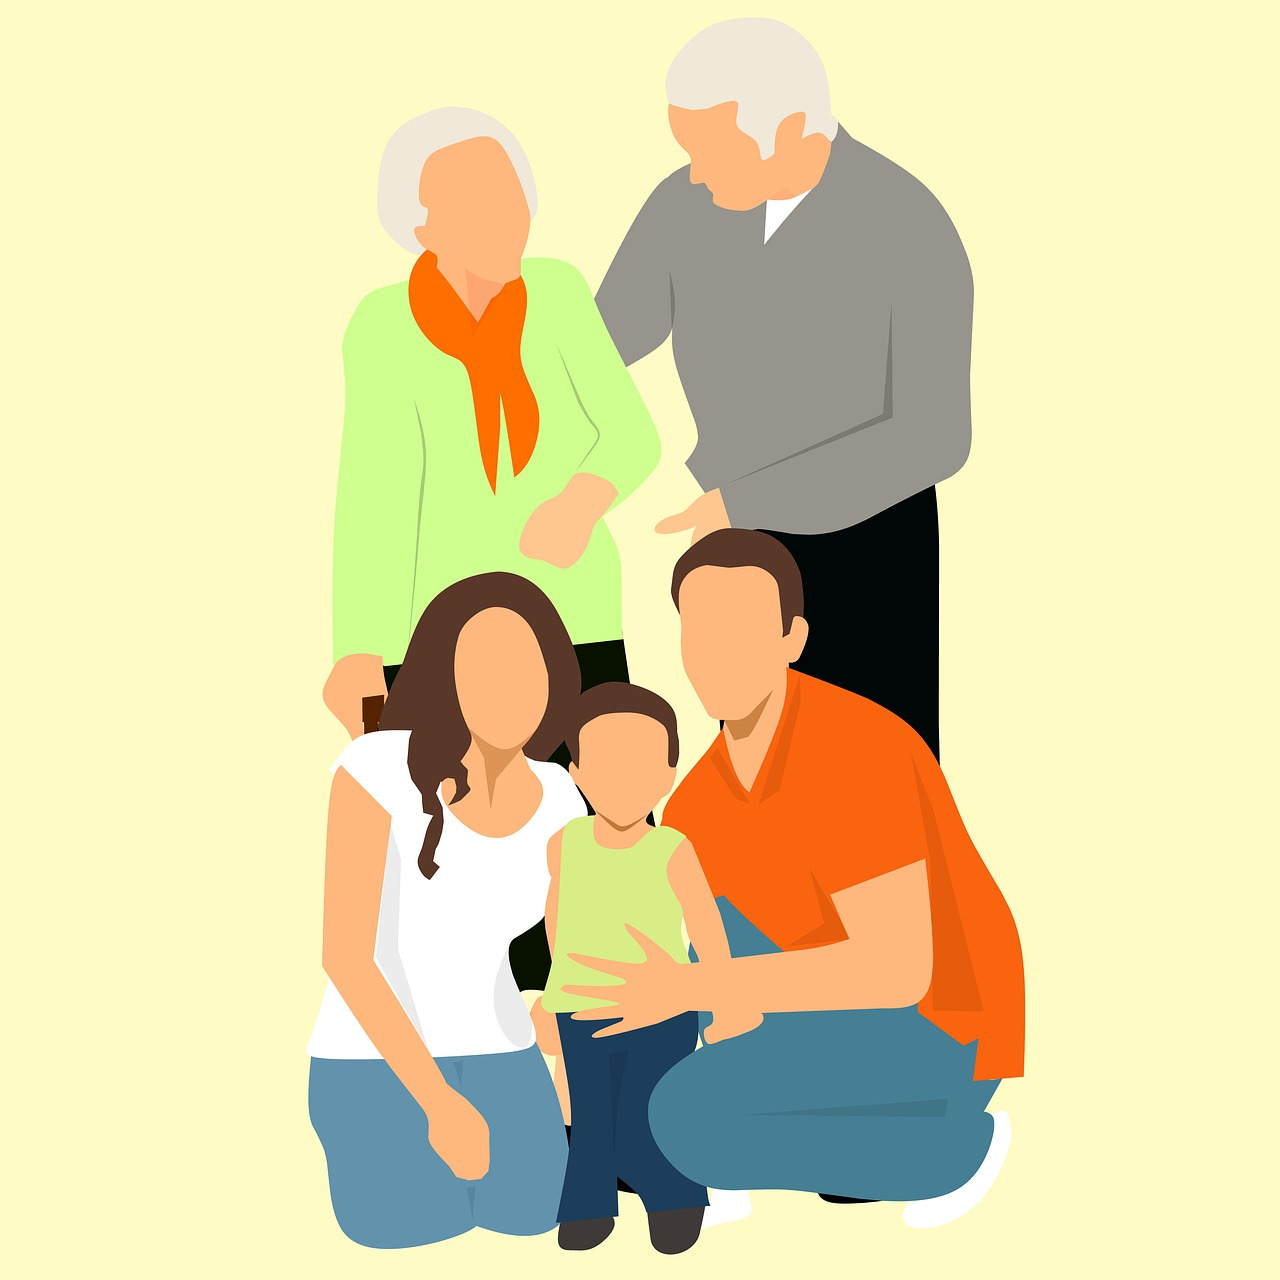 Family Gathering Grandparents Free Image On Pixabay